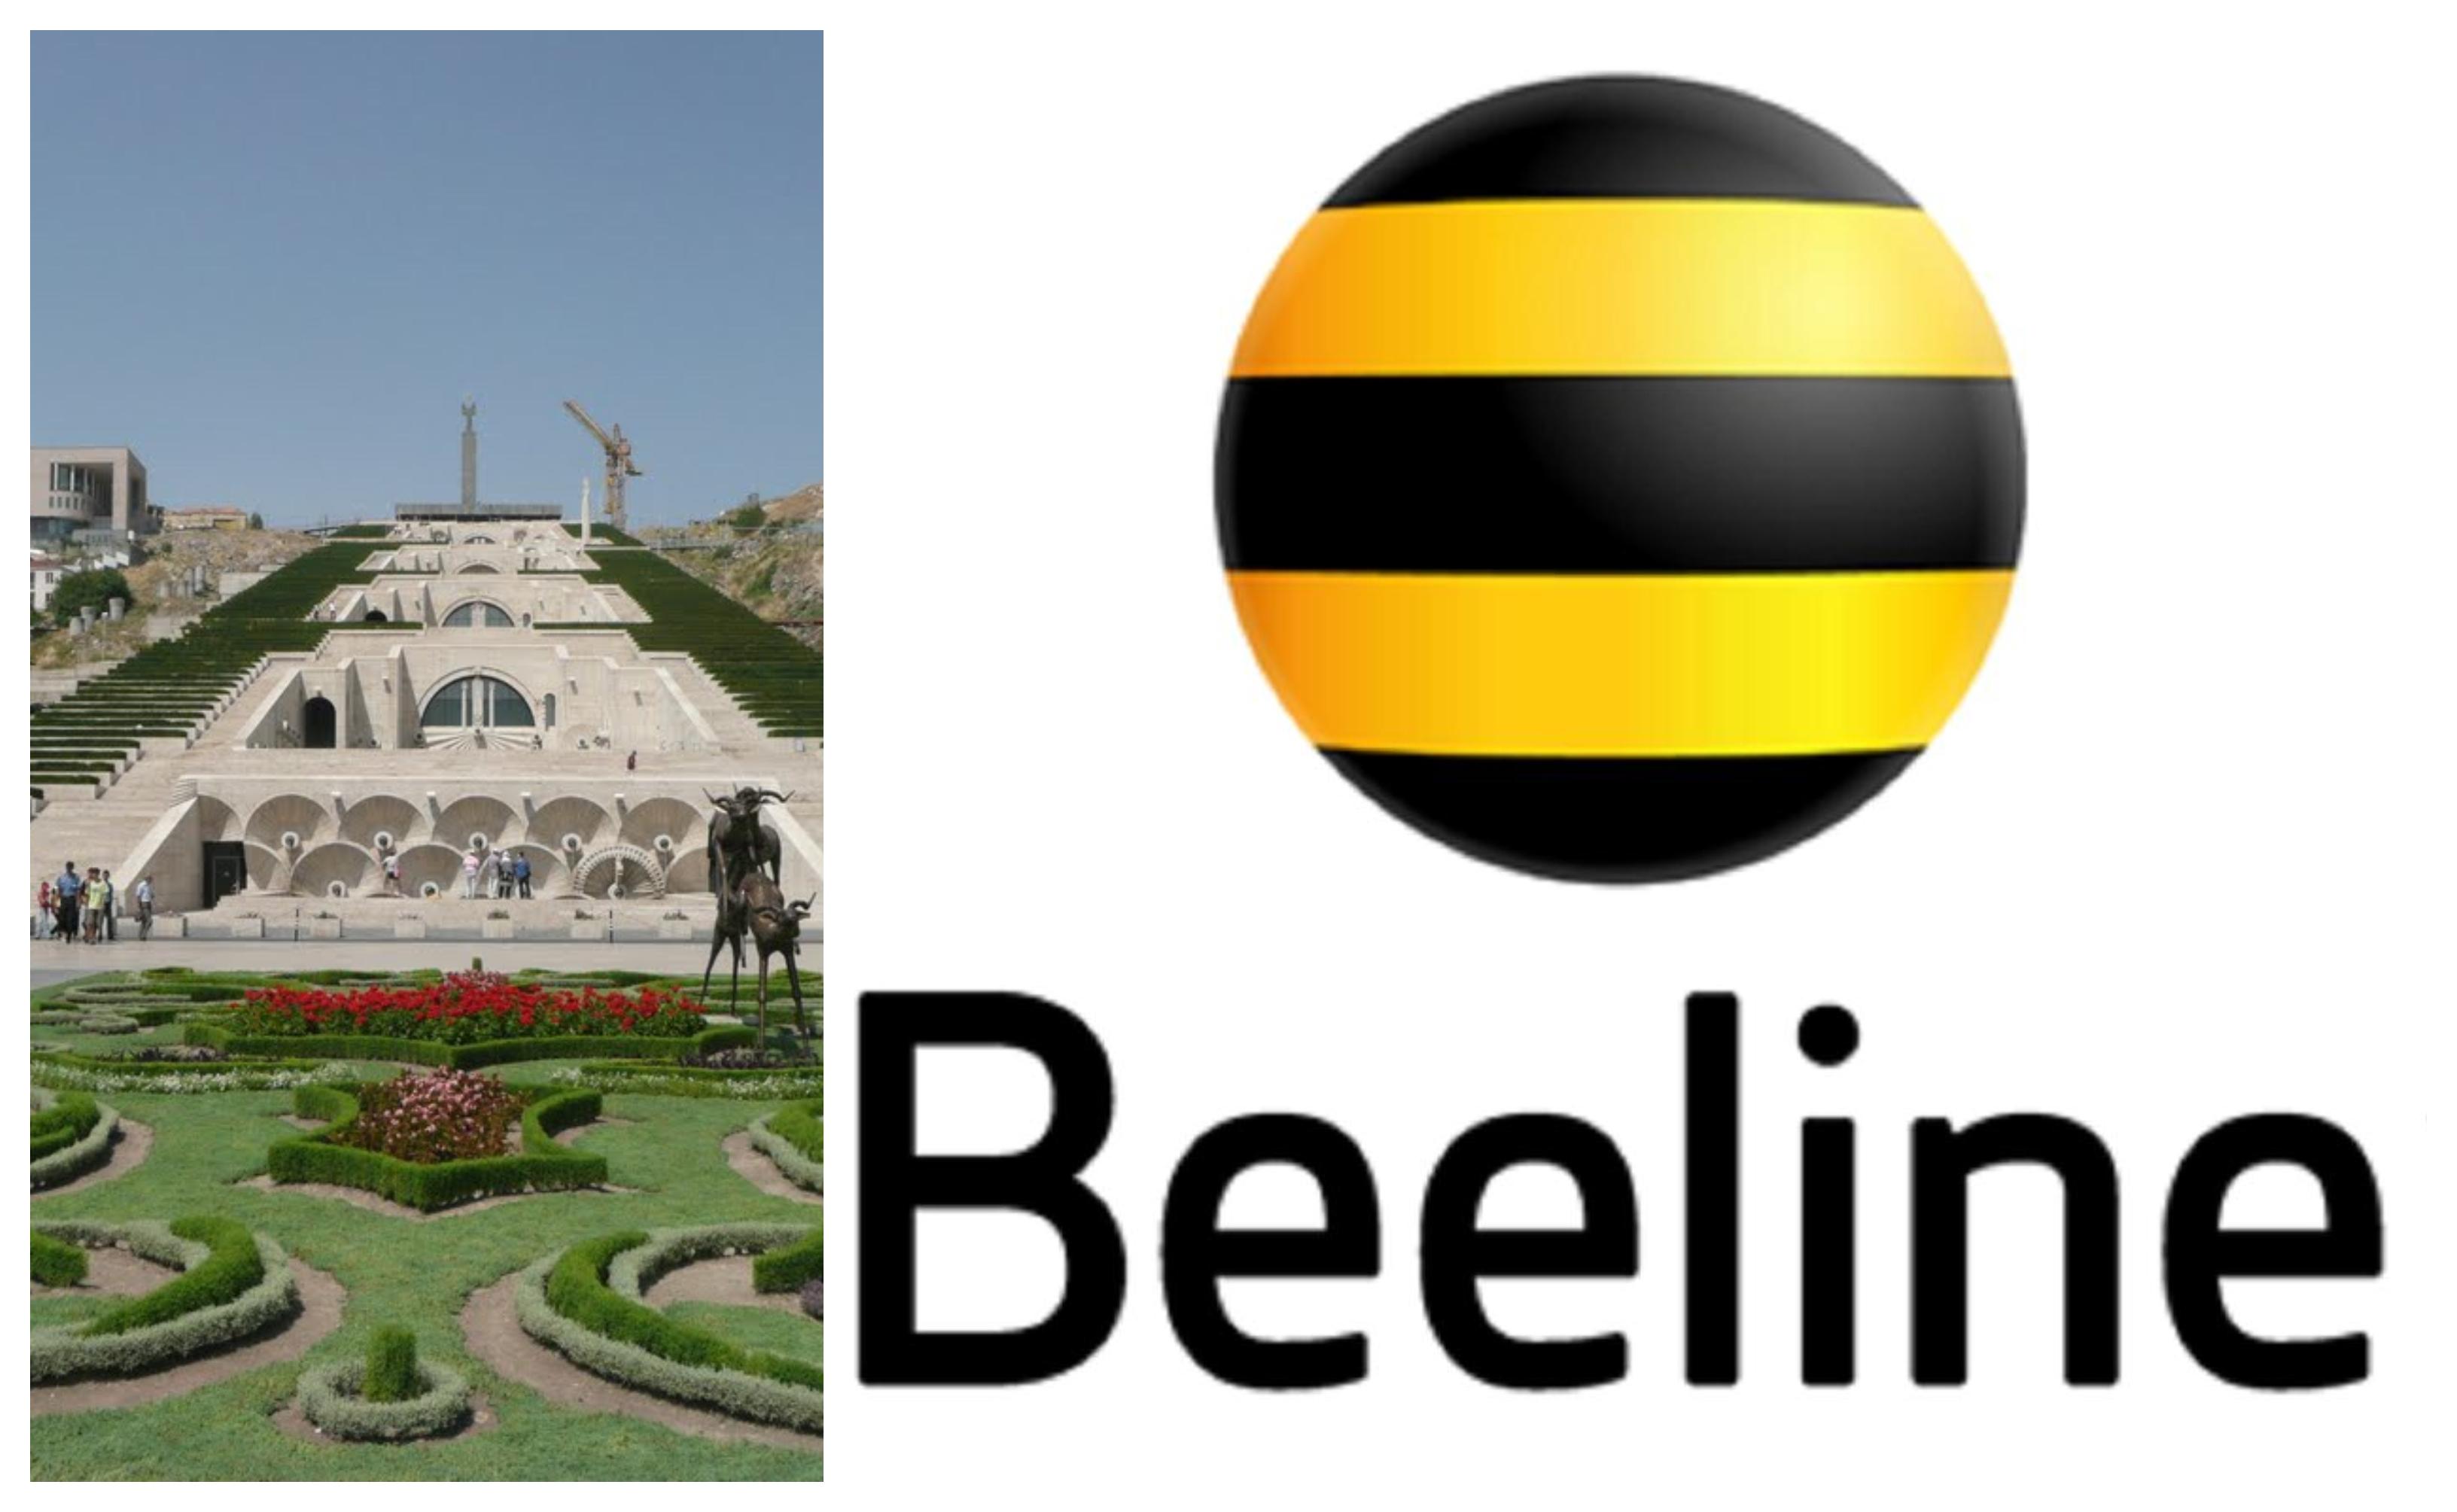 «3-րդ հարկ» արվեստային շարժմանը նվիրված գիտաժողով` Գաֆէսճեան արվեստի կենտրոնում՝ Beeline-ի աջակցությամբ